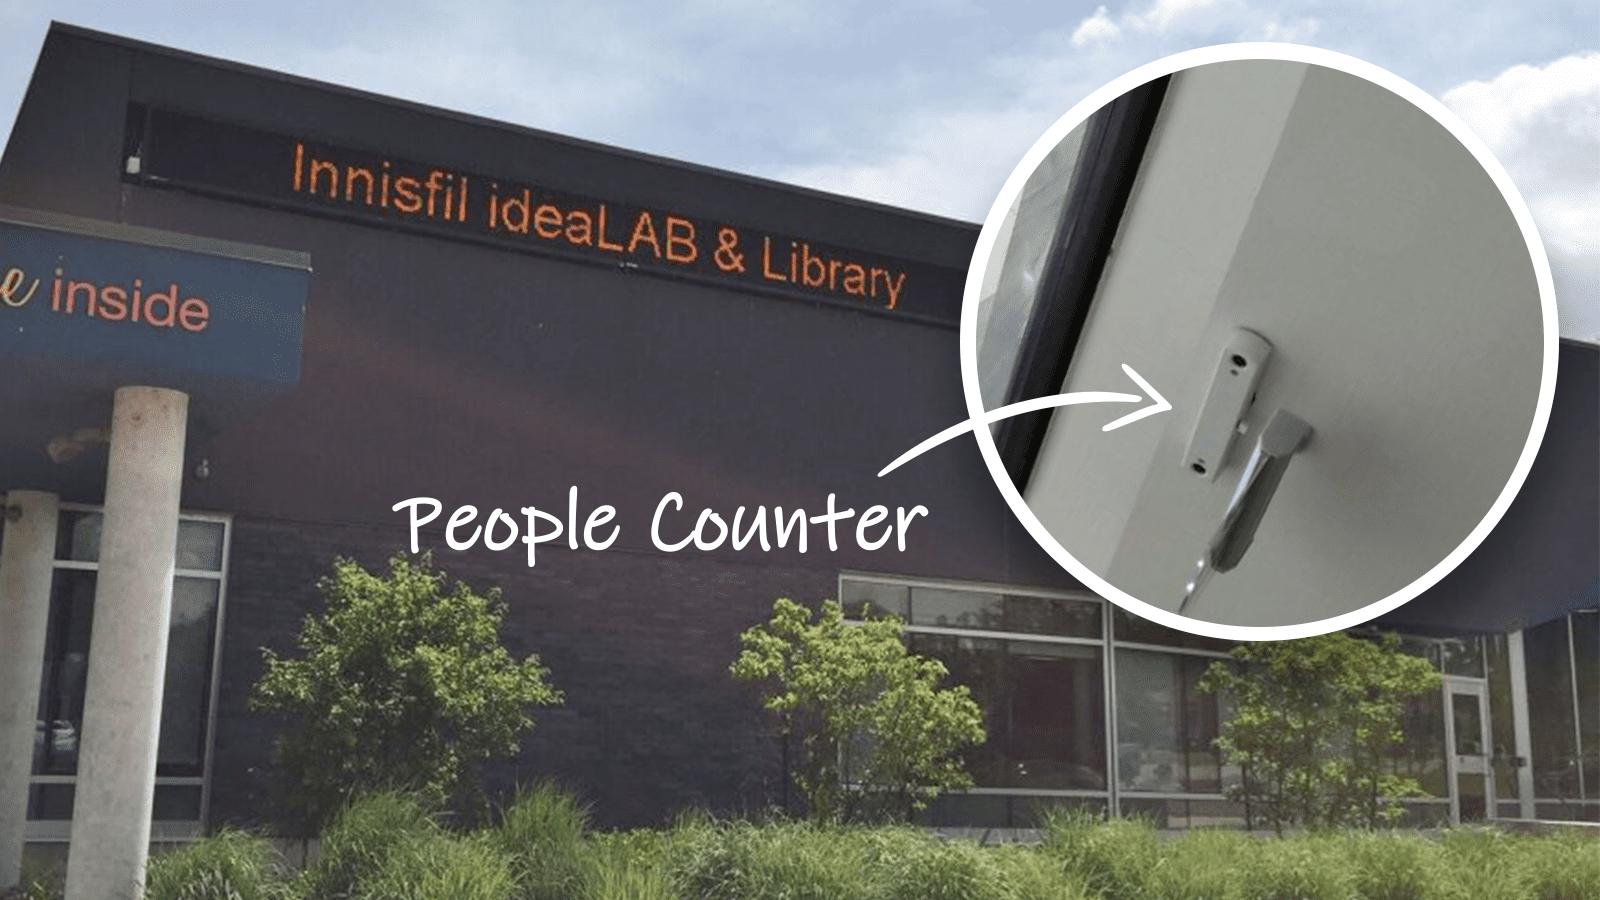 Étude de cas # 4 Innisfil Public Library